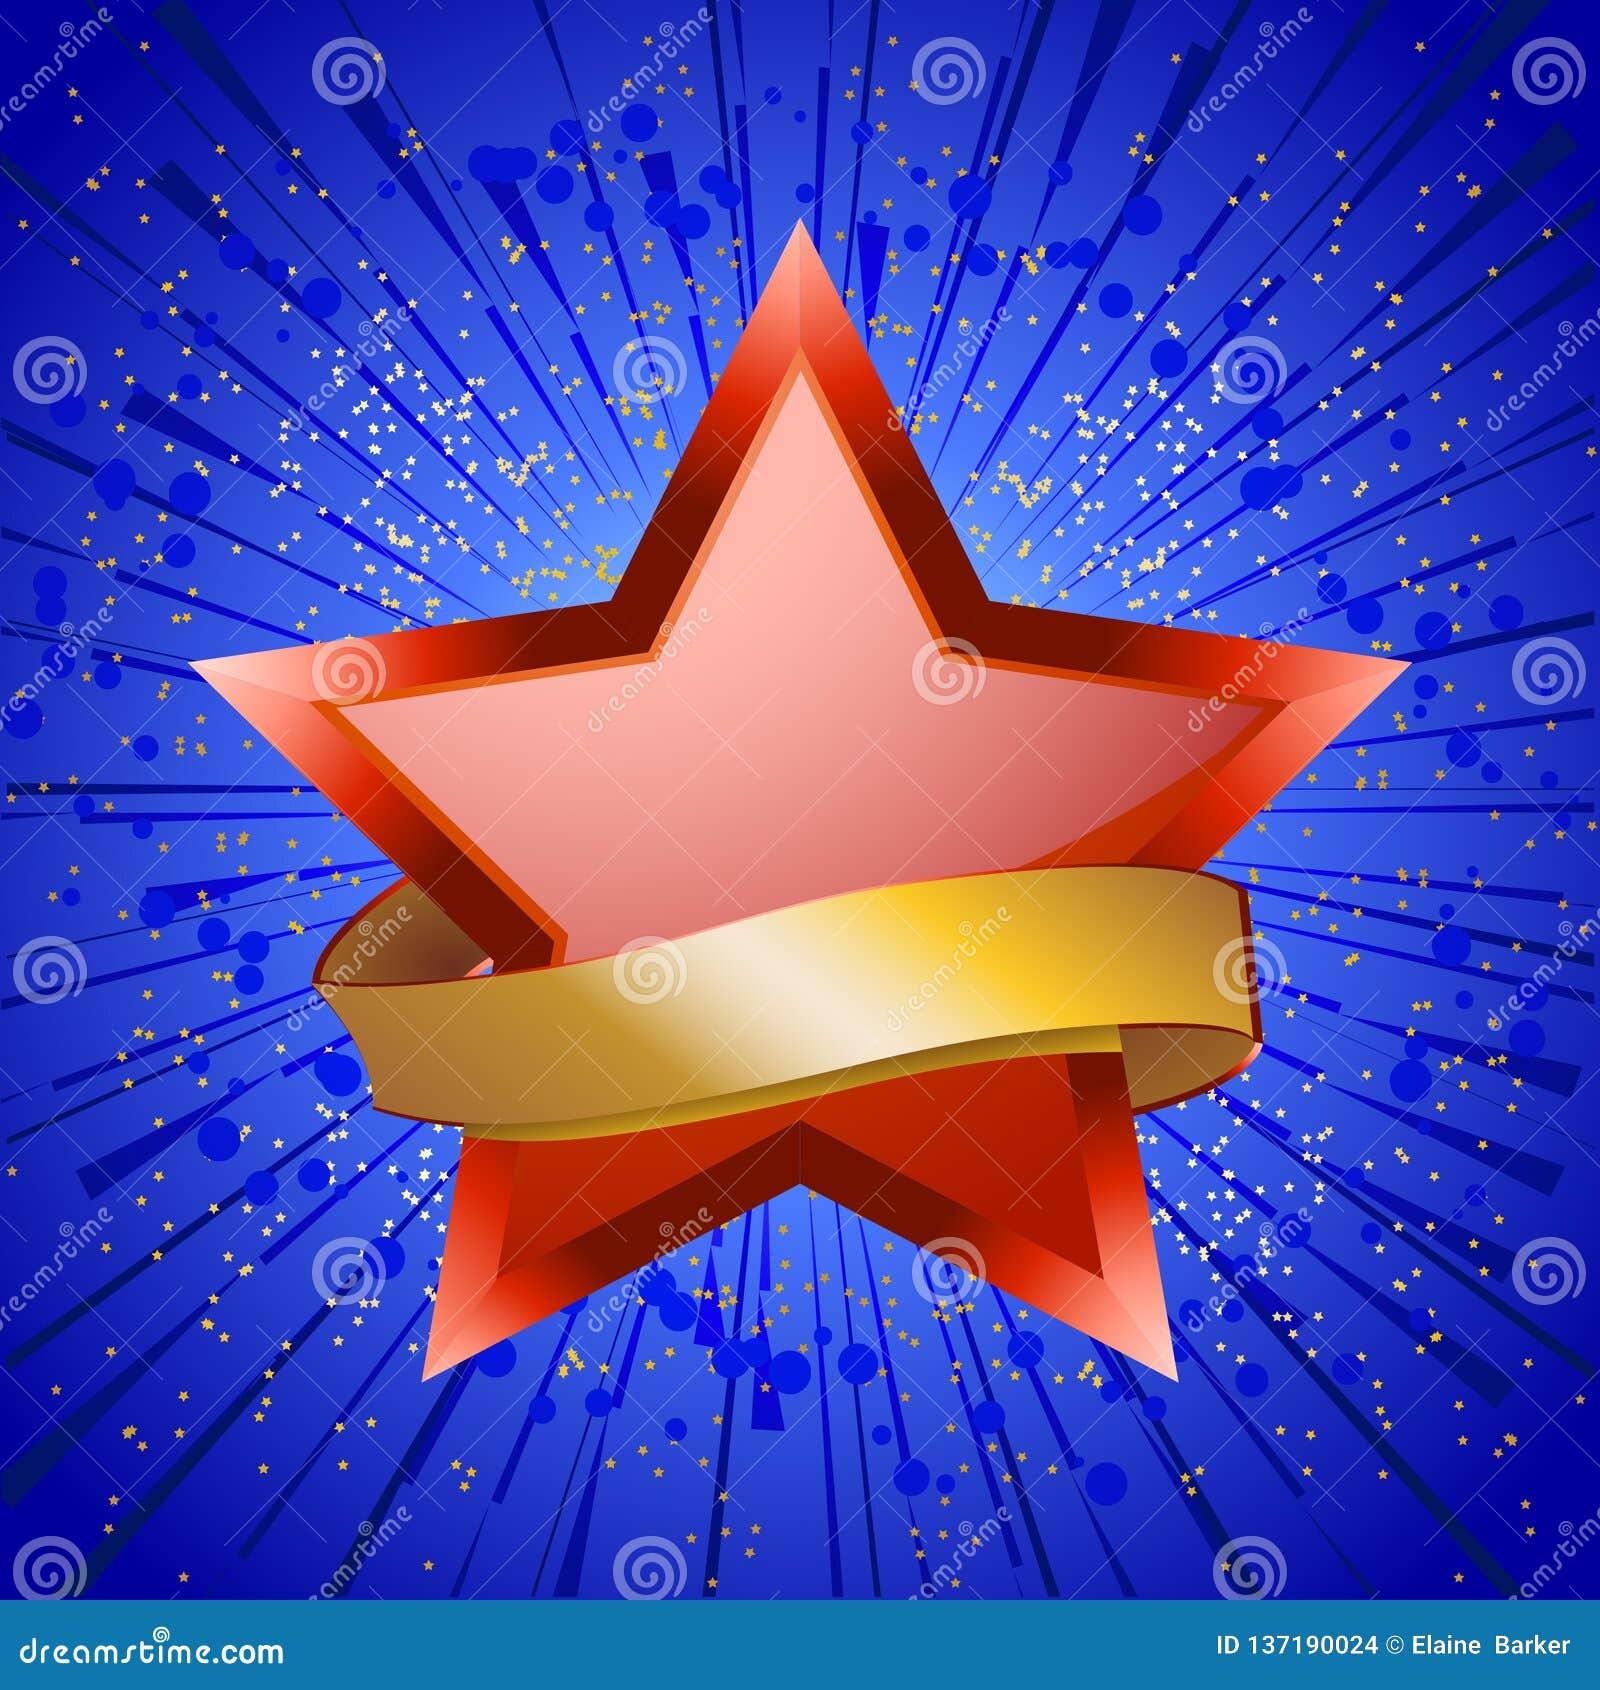 Roter Stern und goldene Fahne auf Explosion des blauen Sternes